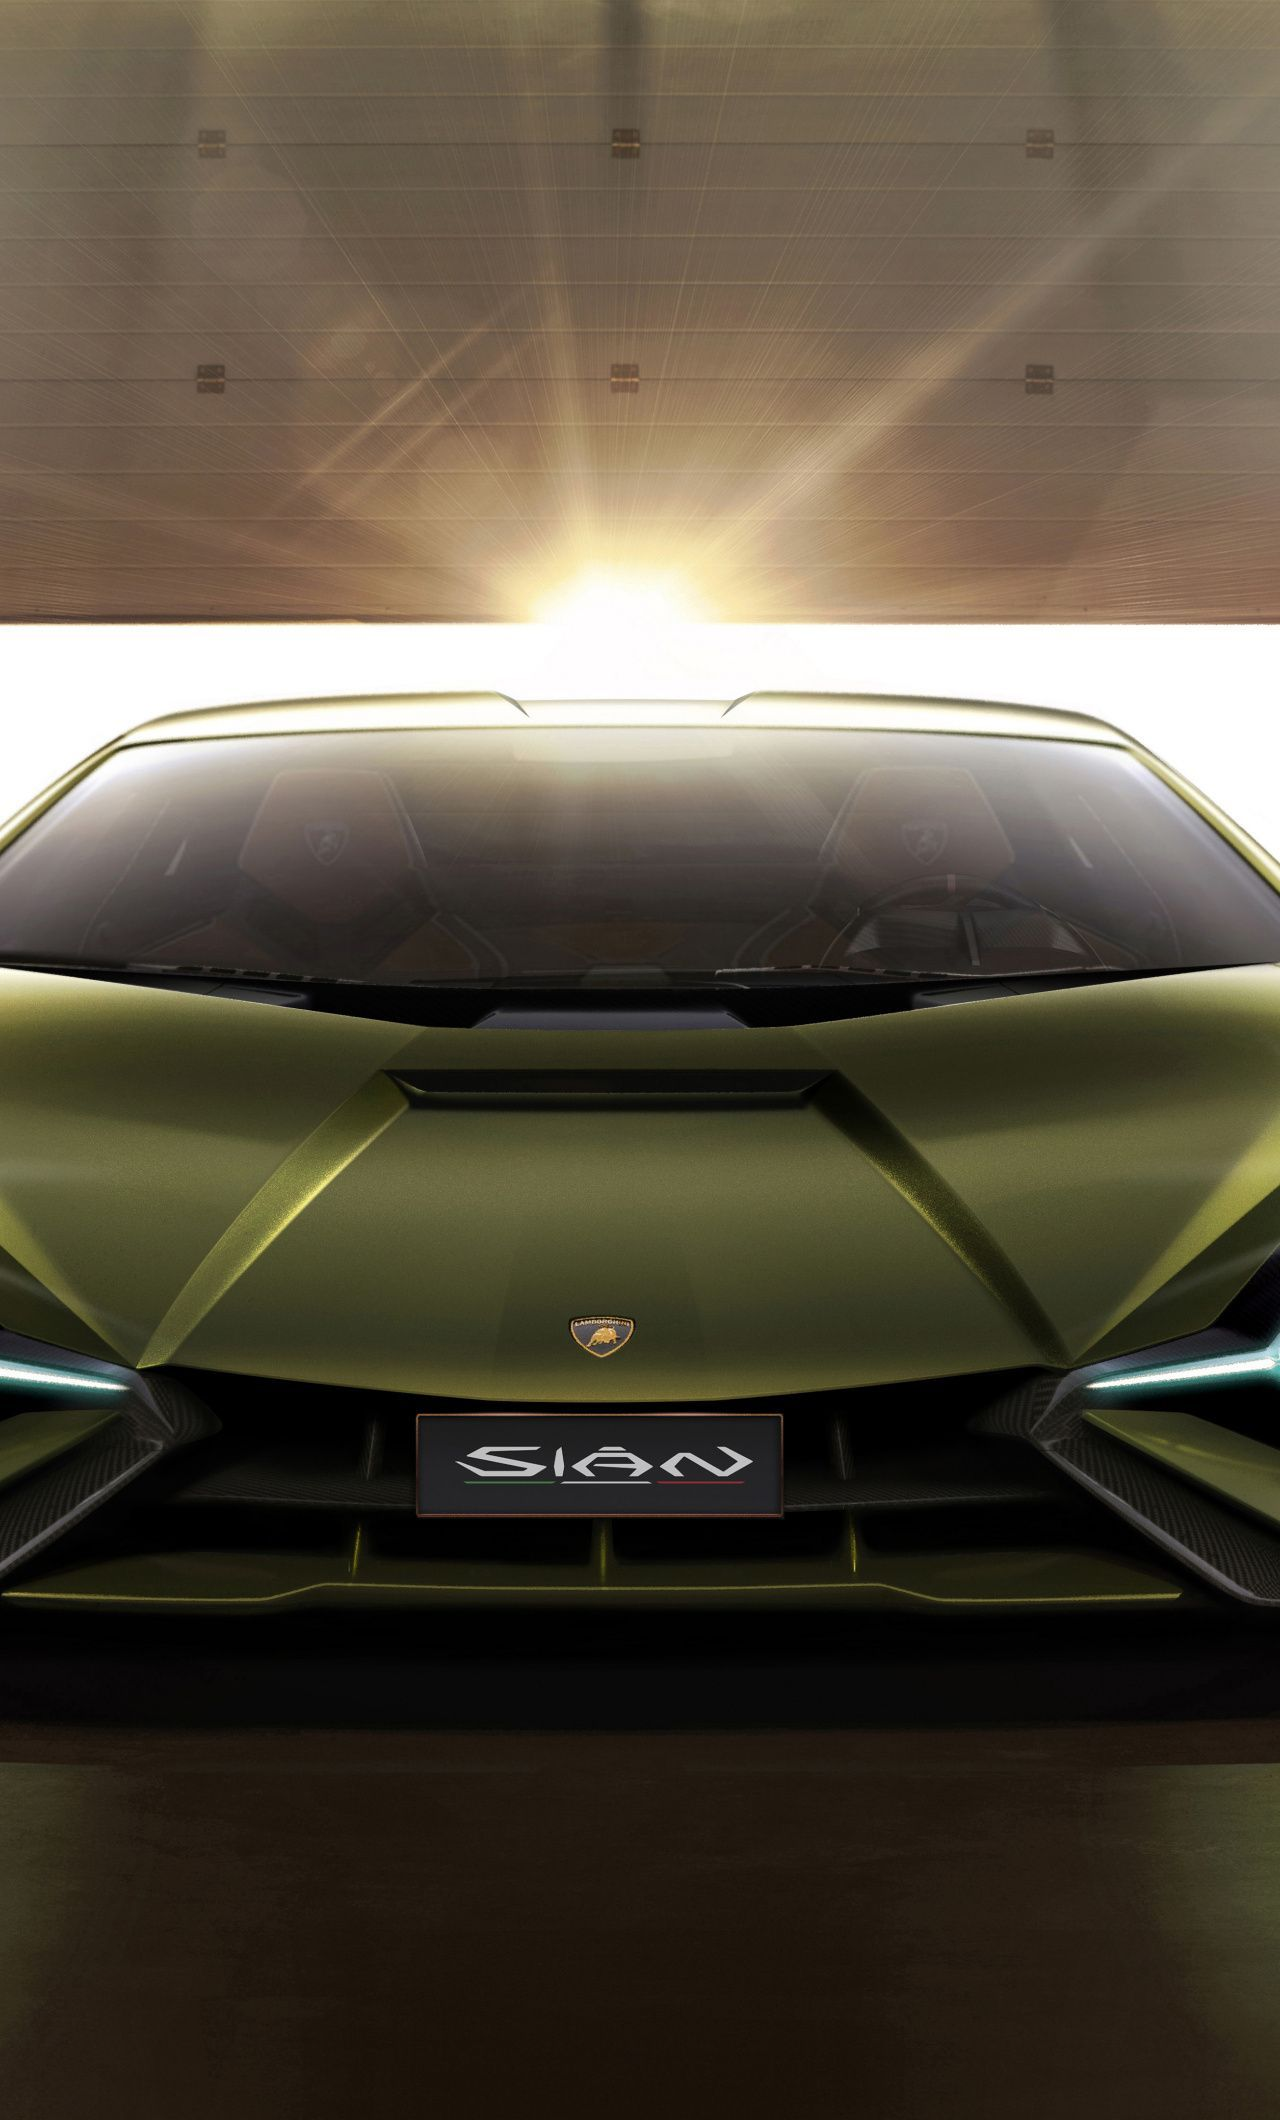 1280x2120 Lamborghini Sian Front 2019 Car Wallpaper Di 2020